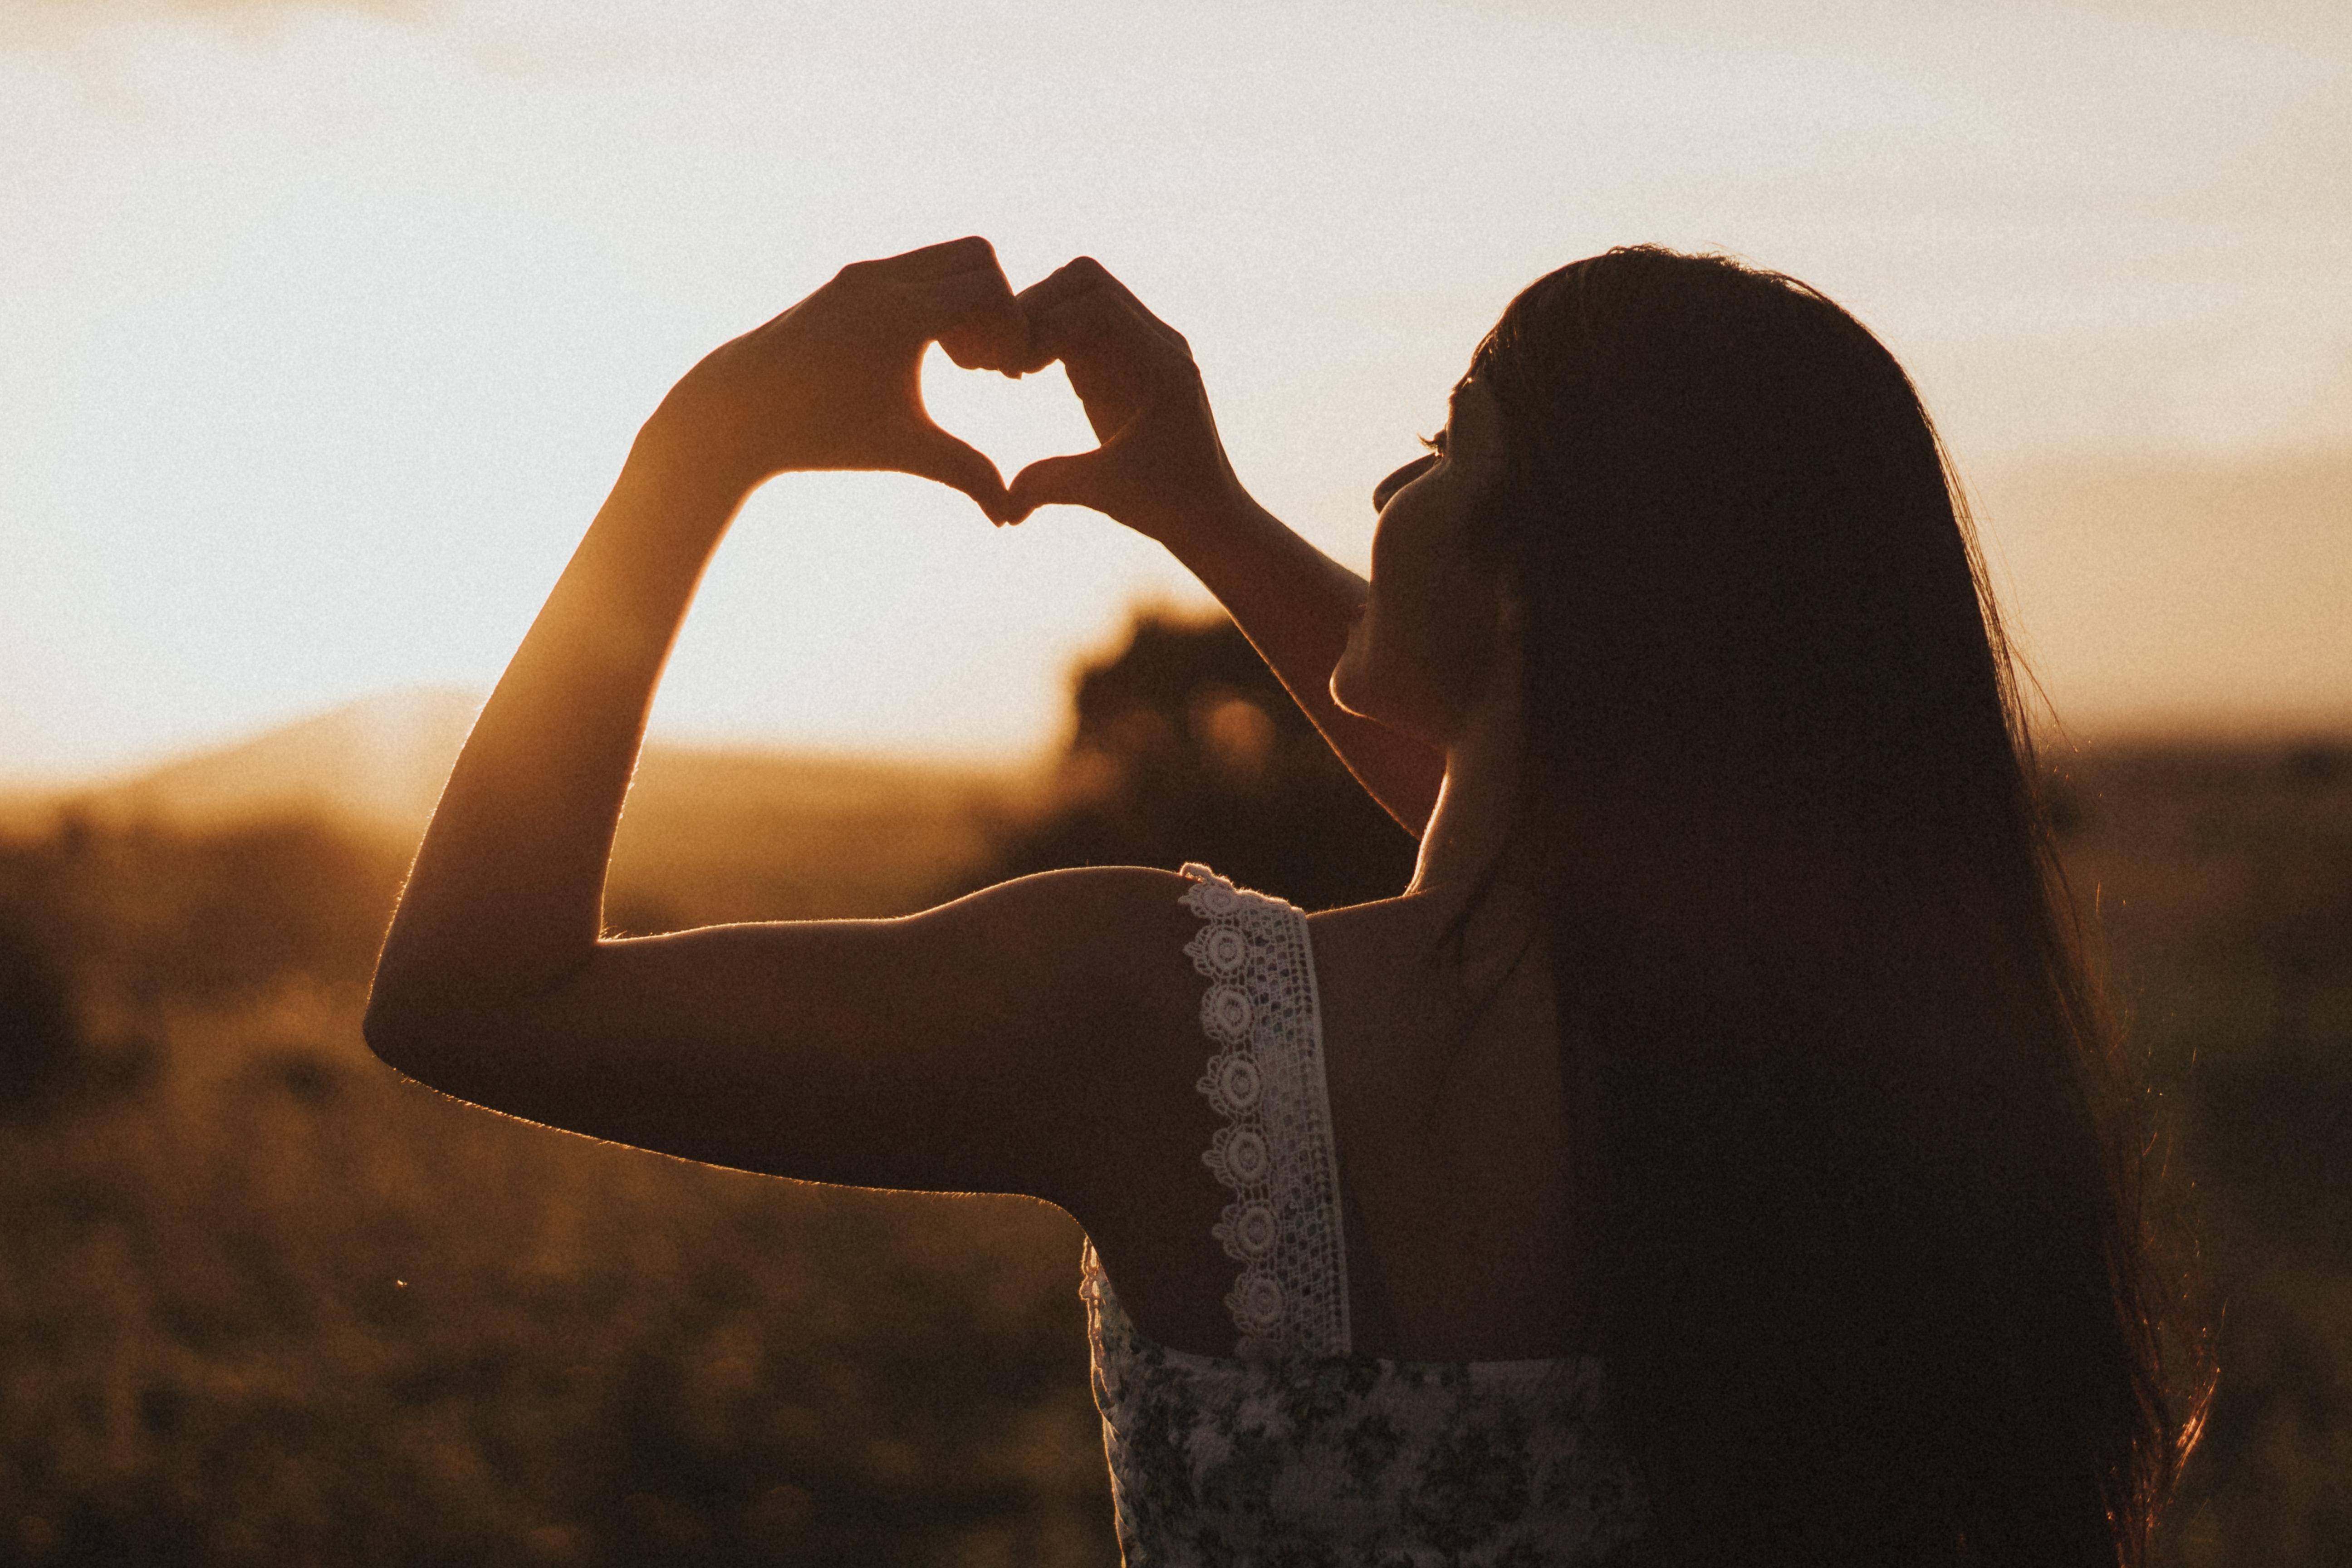 Foto einer langhaarigen Person, die von hinten zu sehen ist. Mit ihren Händen formt sie ein Herz.